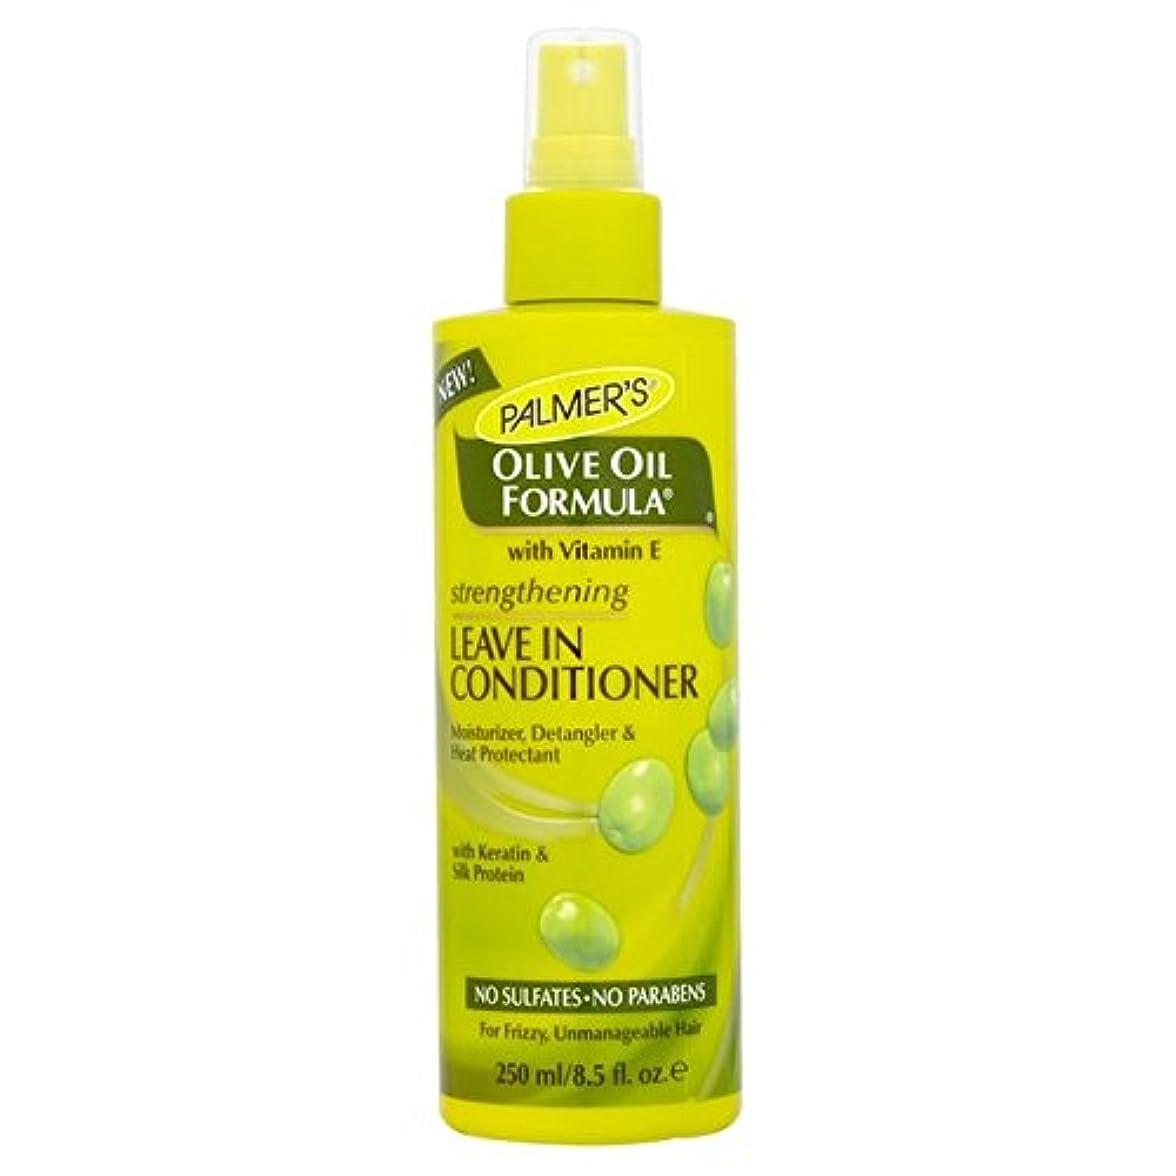 三角形脅威吹きさらしPalmer's Olive Oil Formula Strengthening Leave-in Conditioner 250ml - リーブインコンディショナー250を強化パーマーのオリーブオイル式 [並行輸入品]